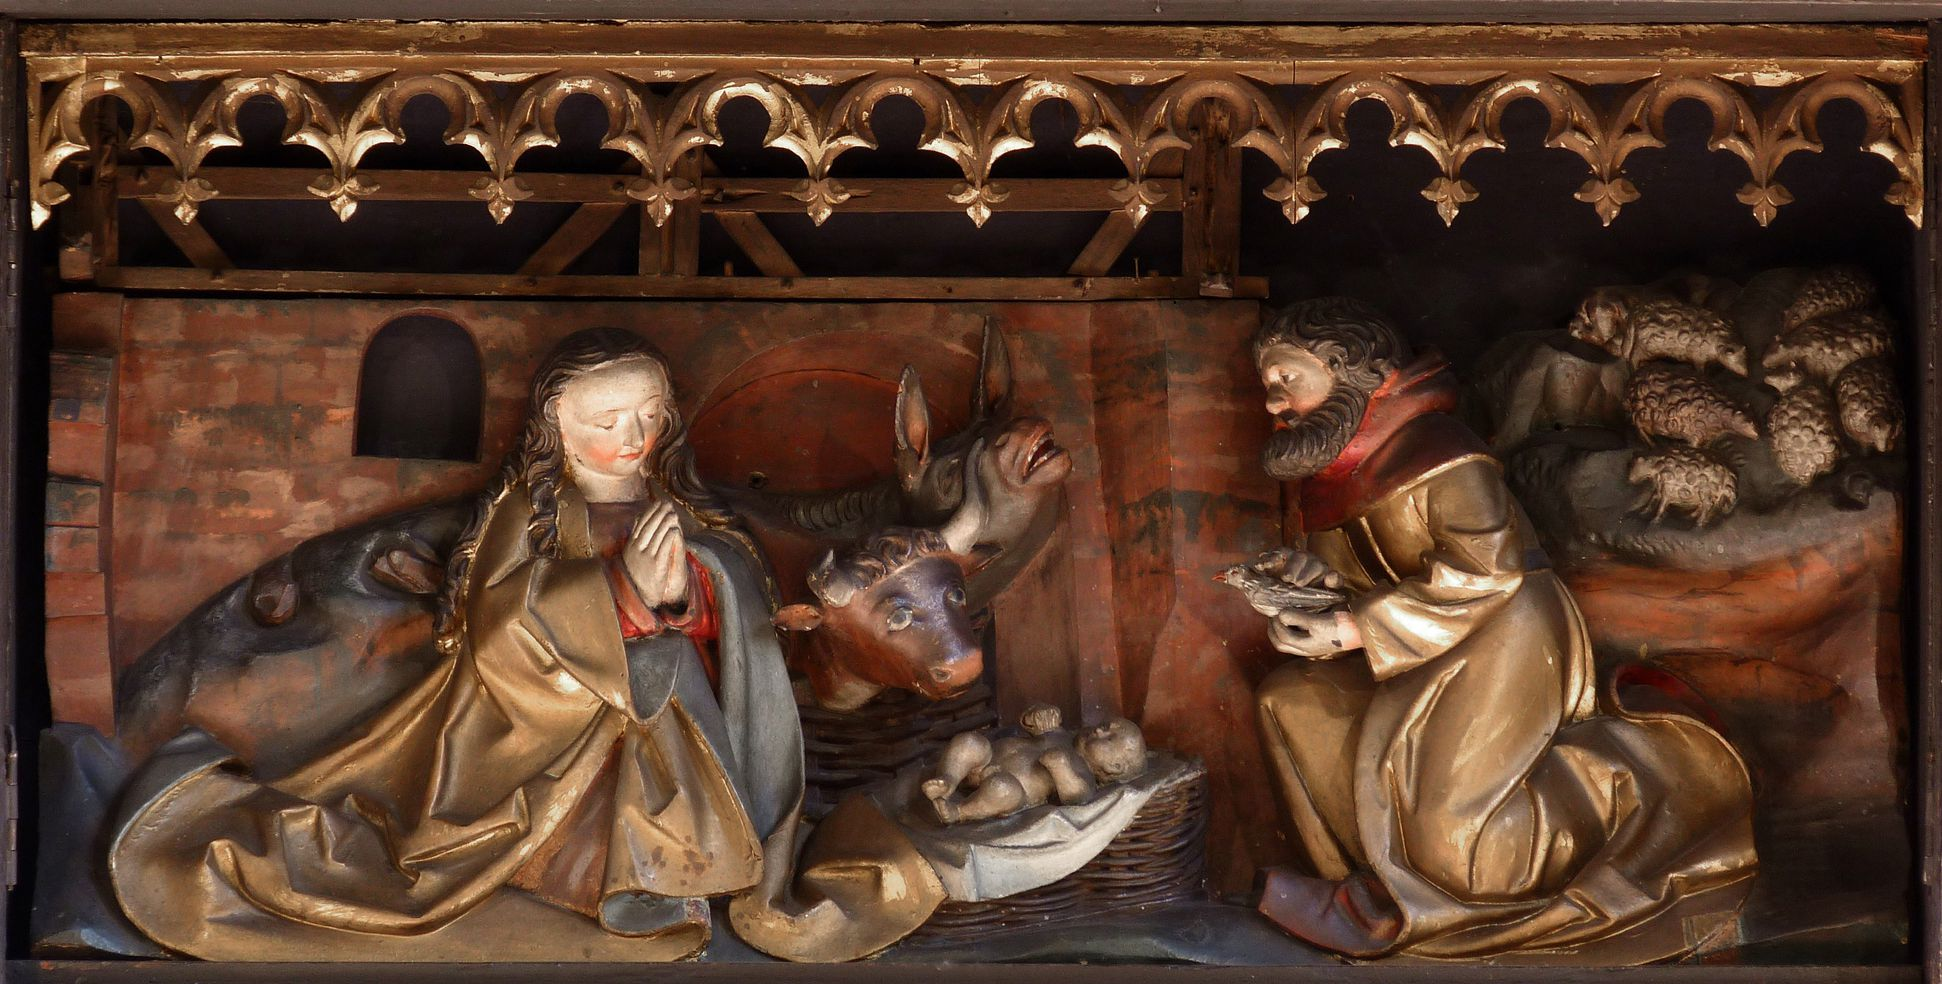 St. Bartholomäus, Hochaltar Predellaschrein mit neugotischem Kleeblattfries,  Darstellung der Anbetung des Kindes